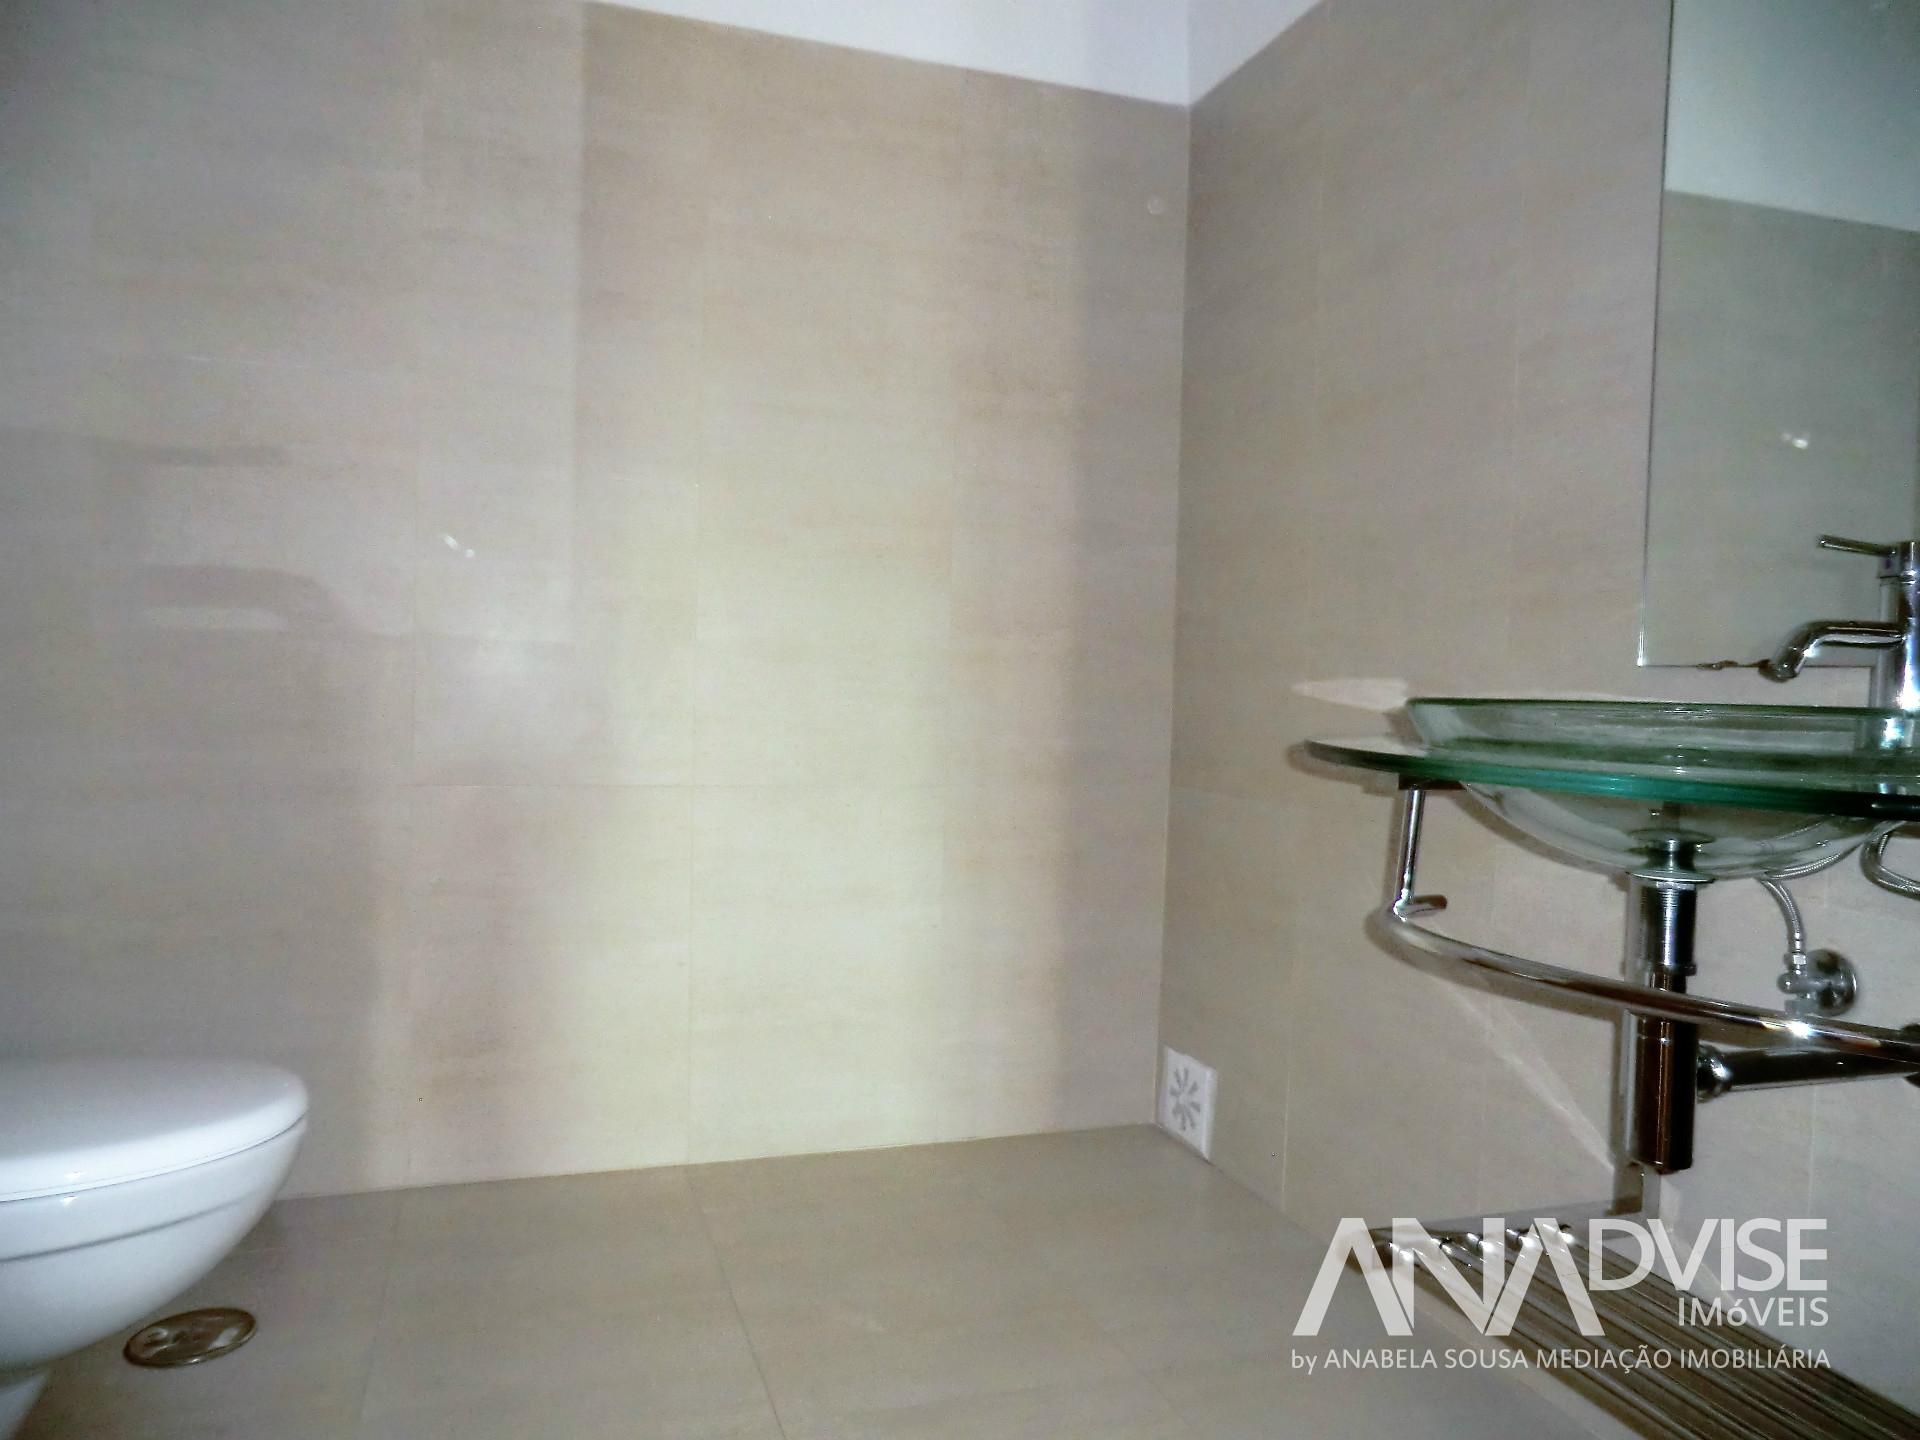 Anabela Sousa - Mediação Imobiliária Unipessoal, Lda